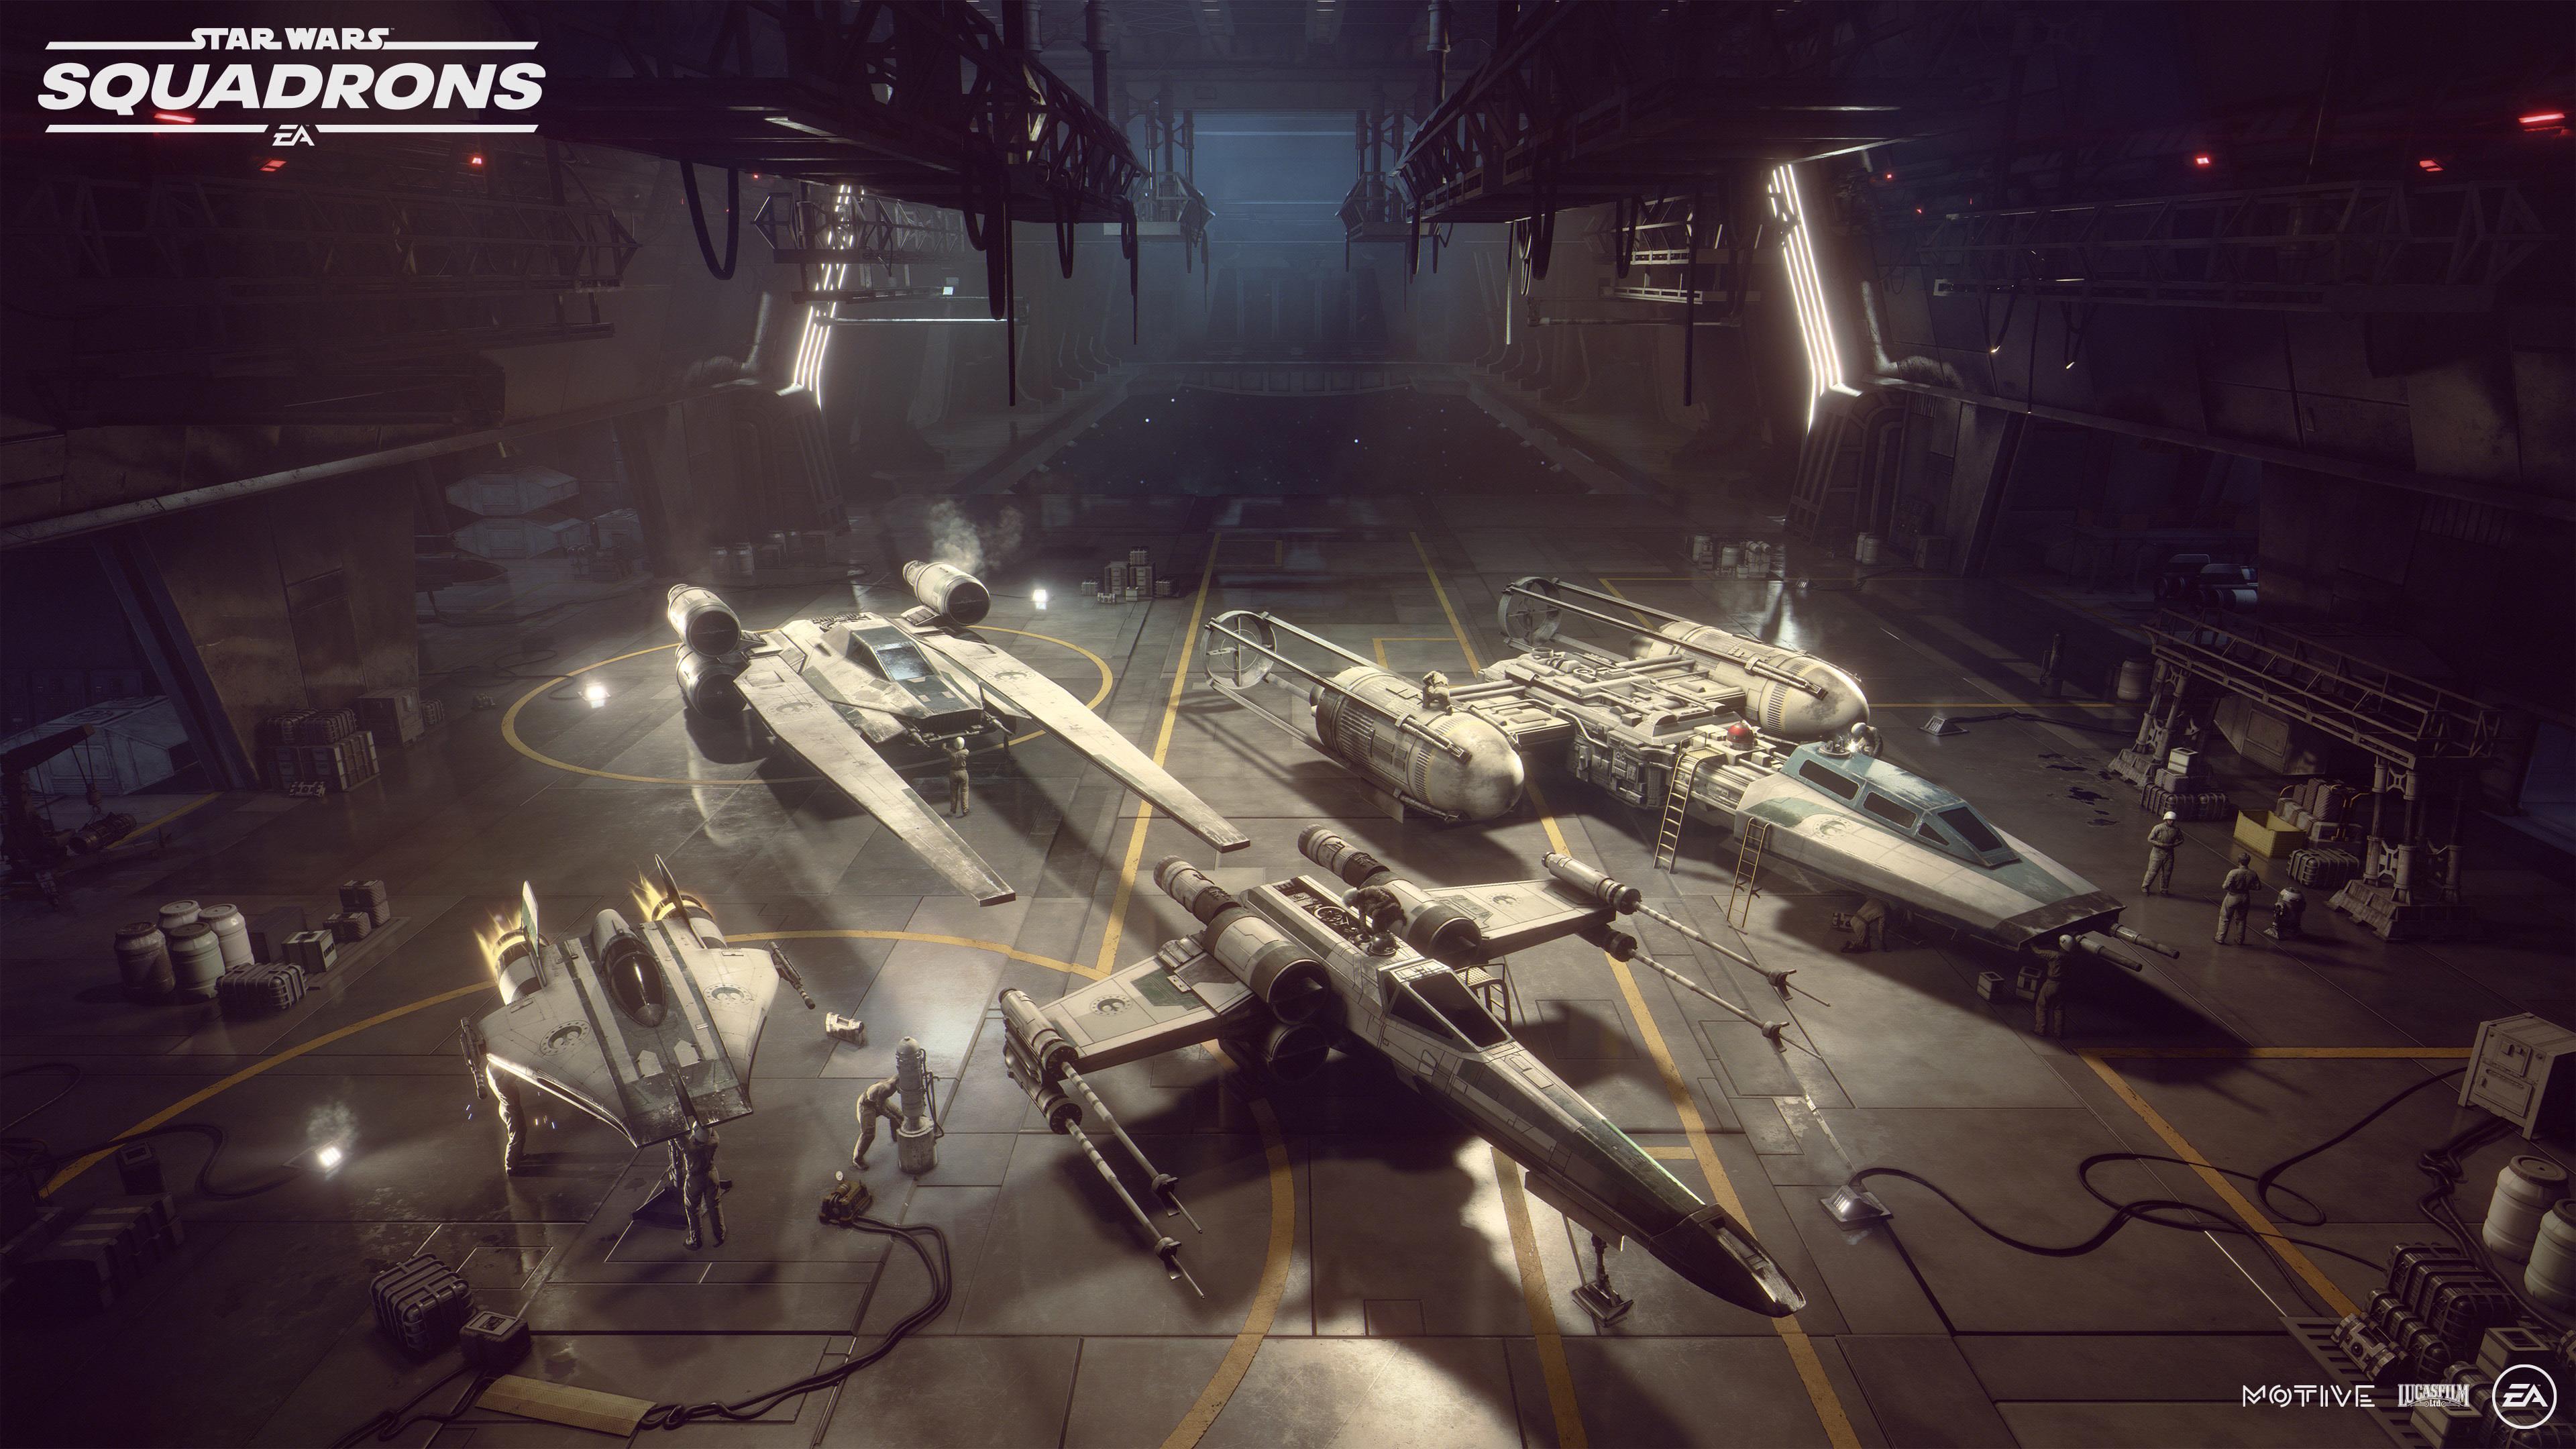 Star Wars Star Wars Squadrons 3840x2160